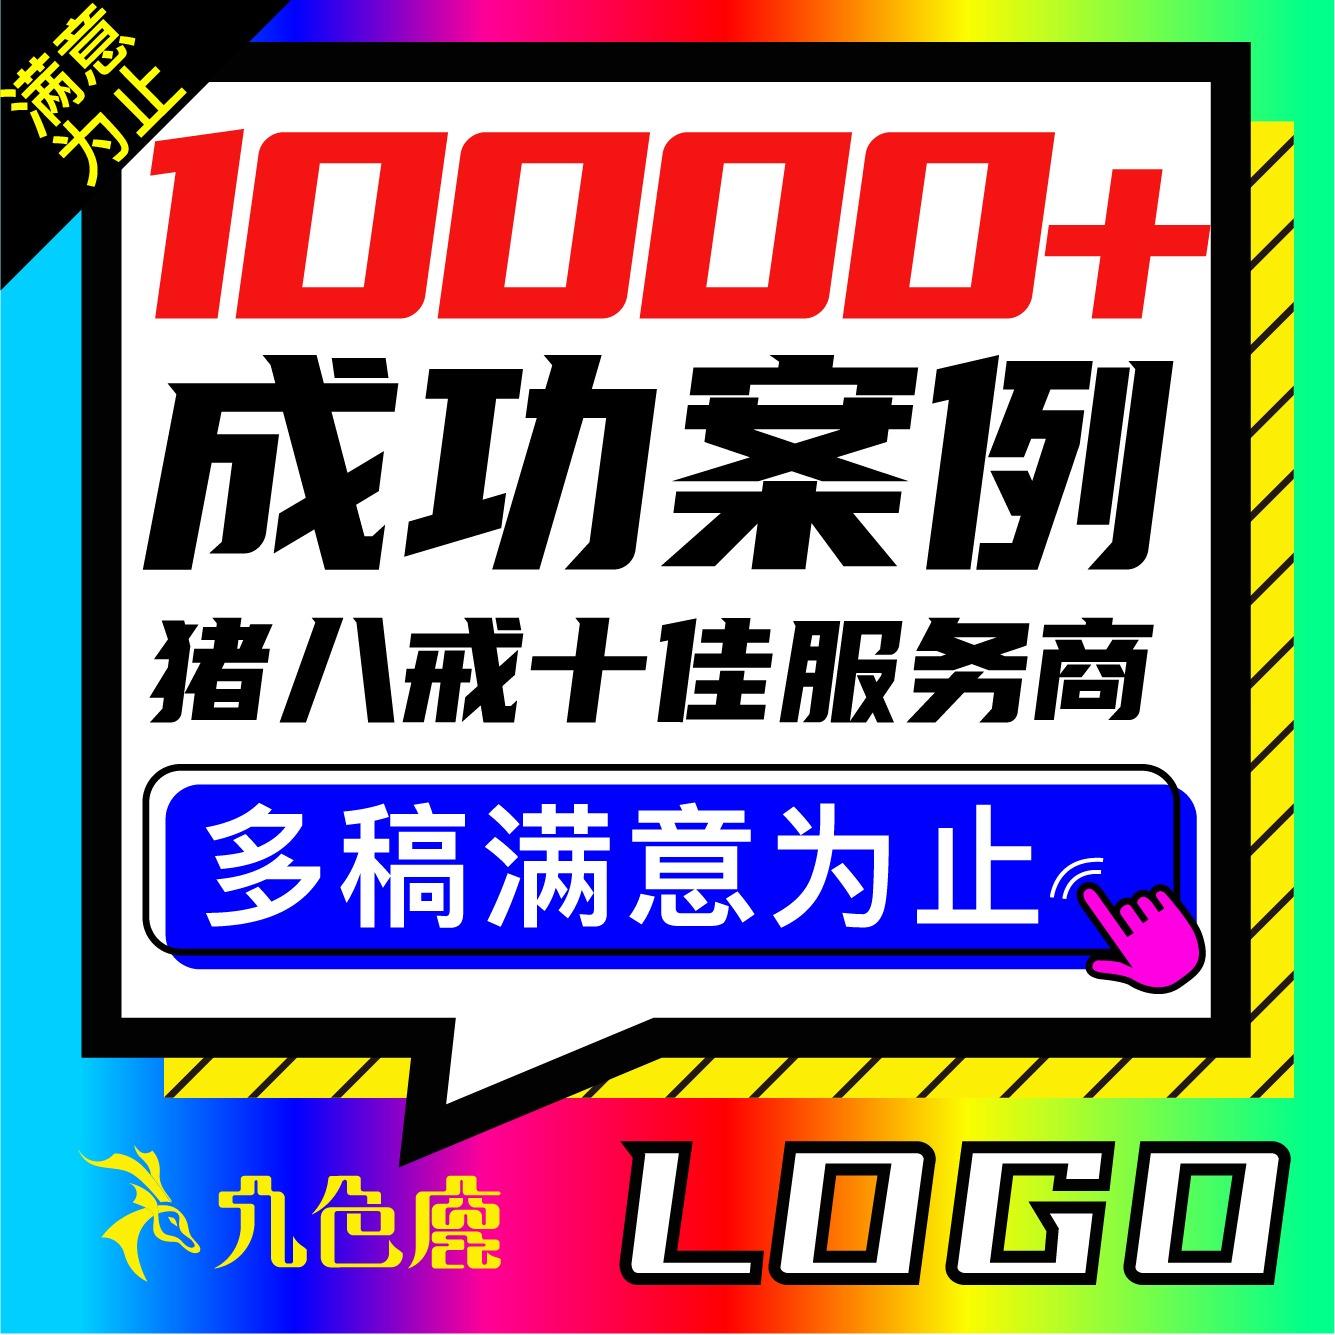 企业公司品牌<hl>logo</hl>设计图文原创标志商标<hl>LOGO</hl>图标平面设计